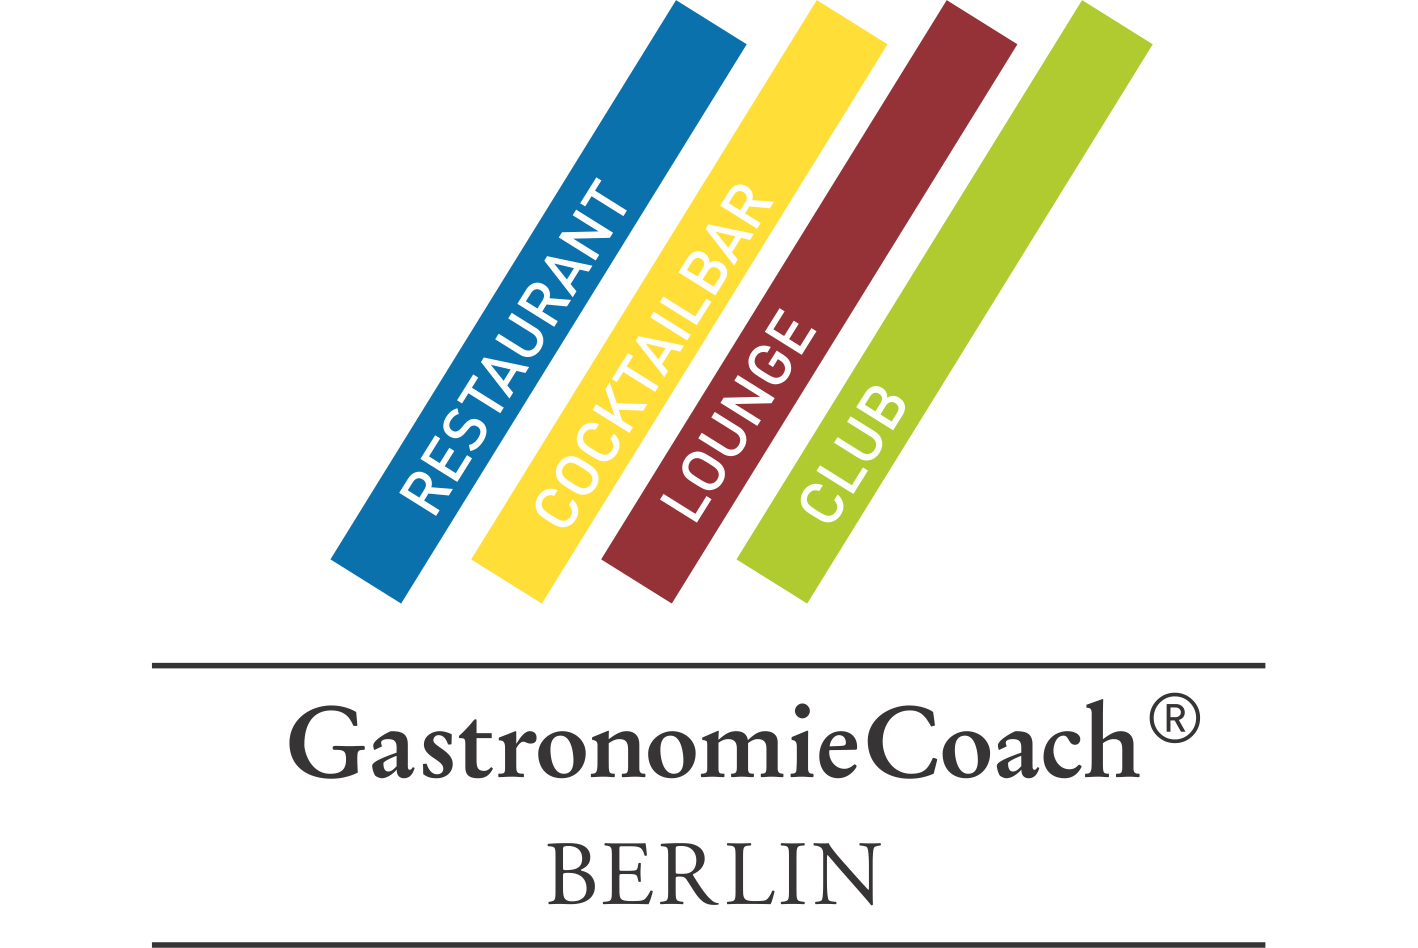 Altay Werbung Partner - GastronomieCoach Berlin